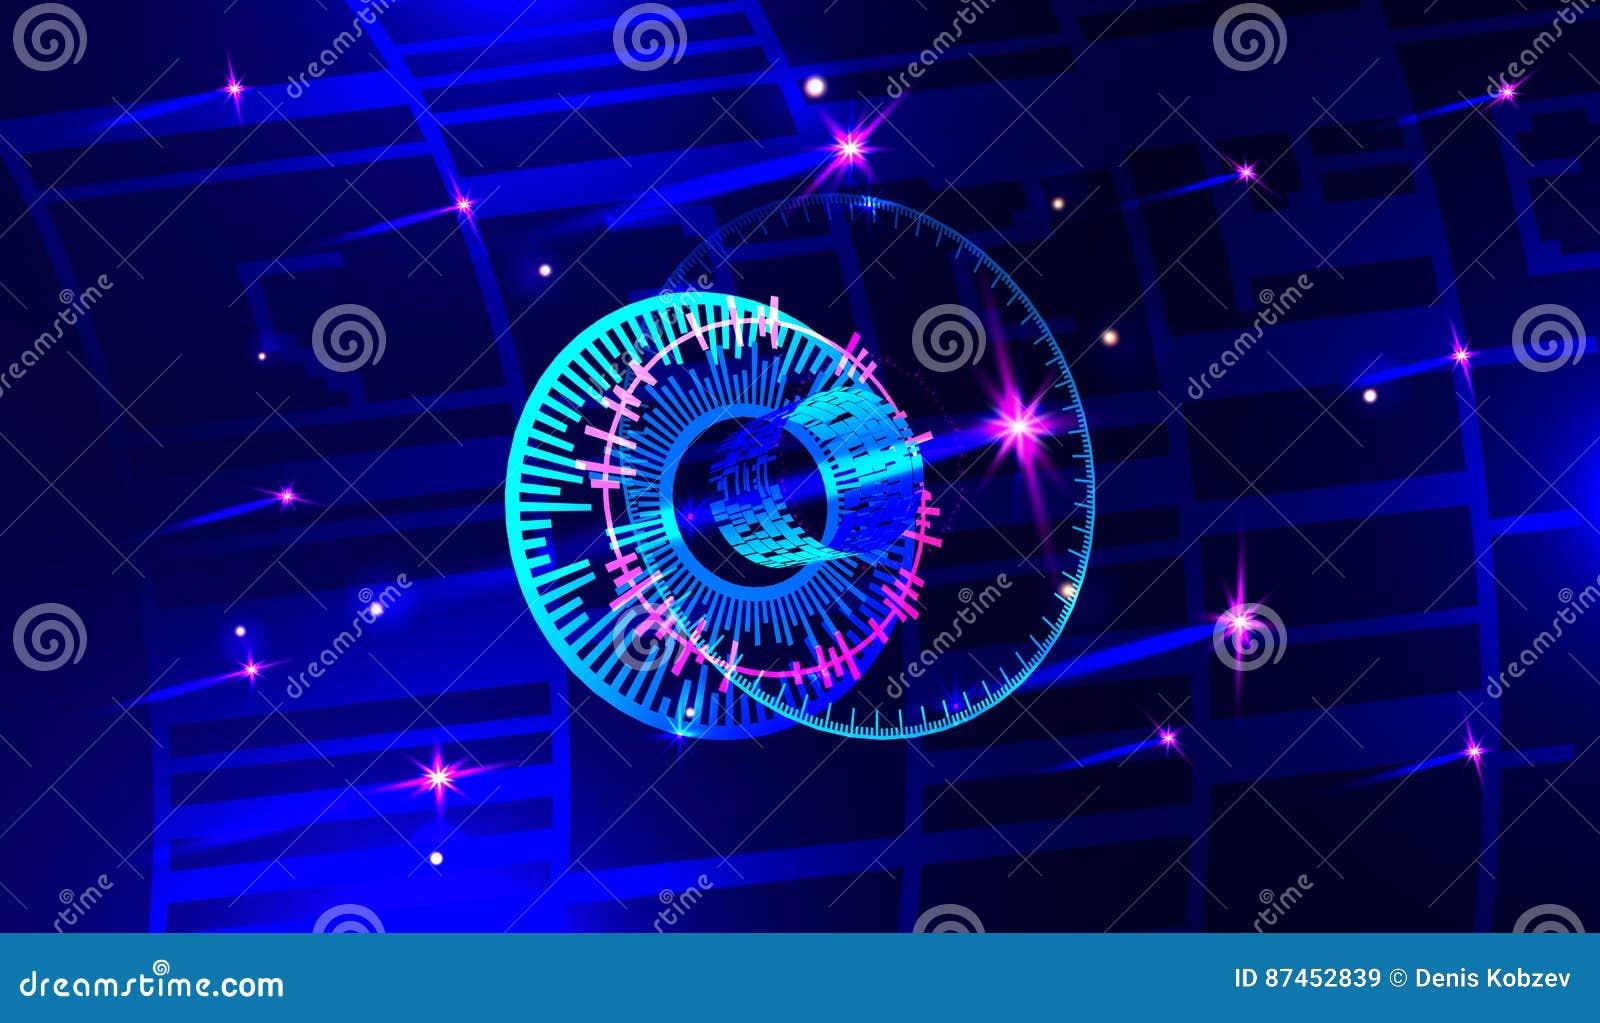 Imagem conceptual do fundo dos ícones 3d digitais